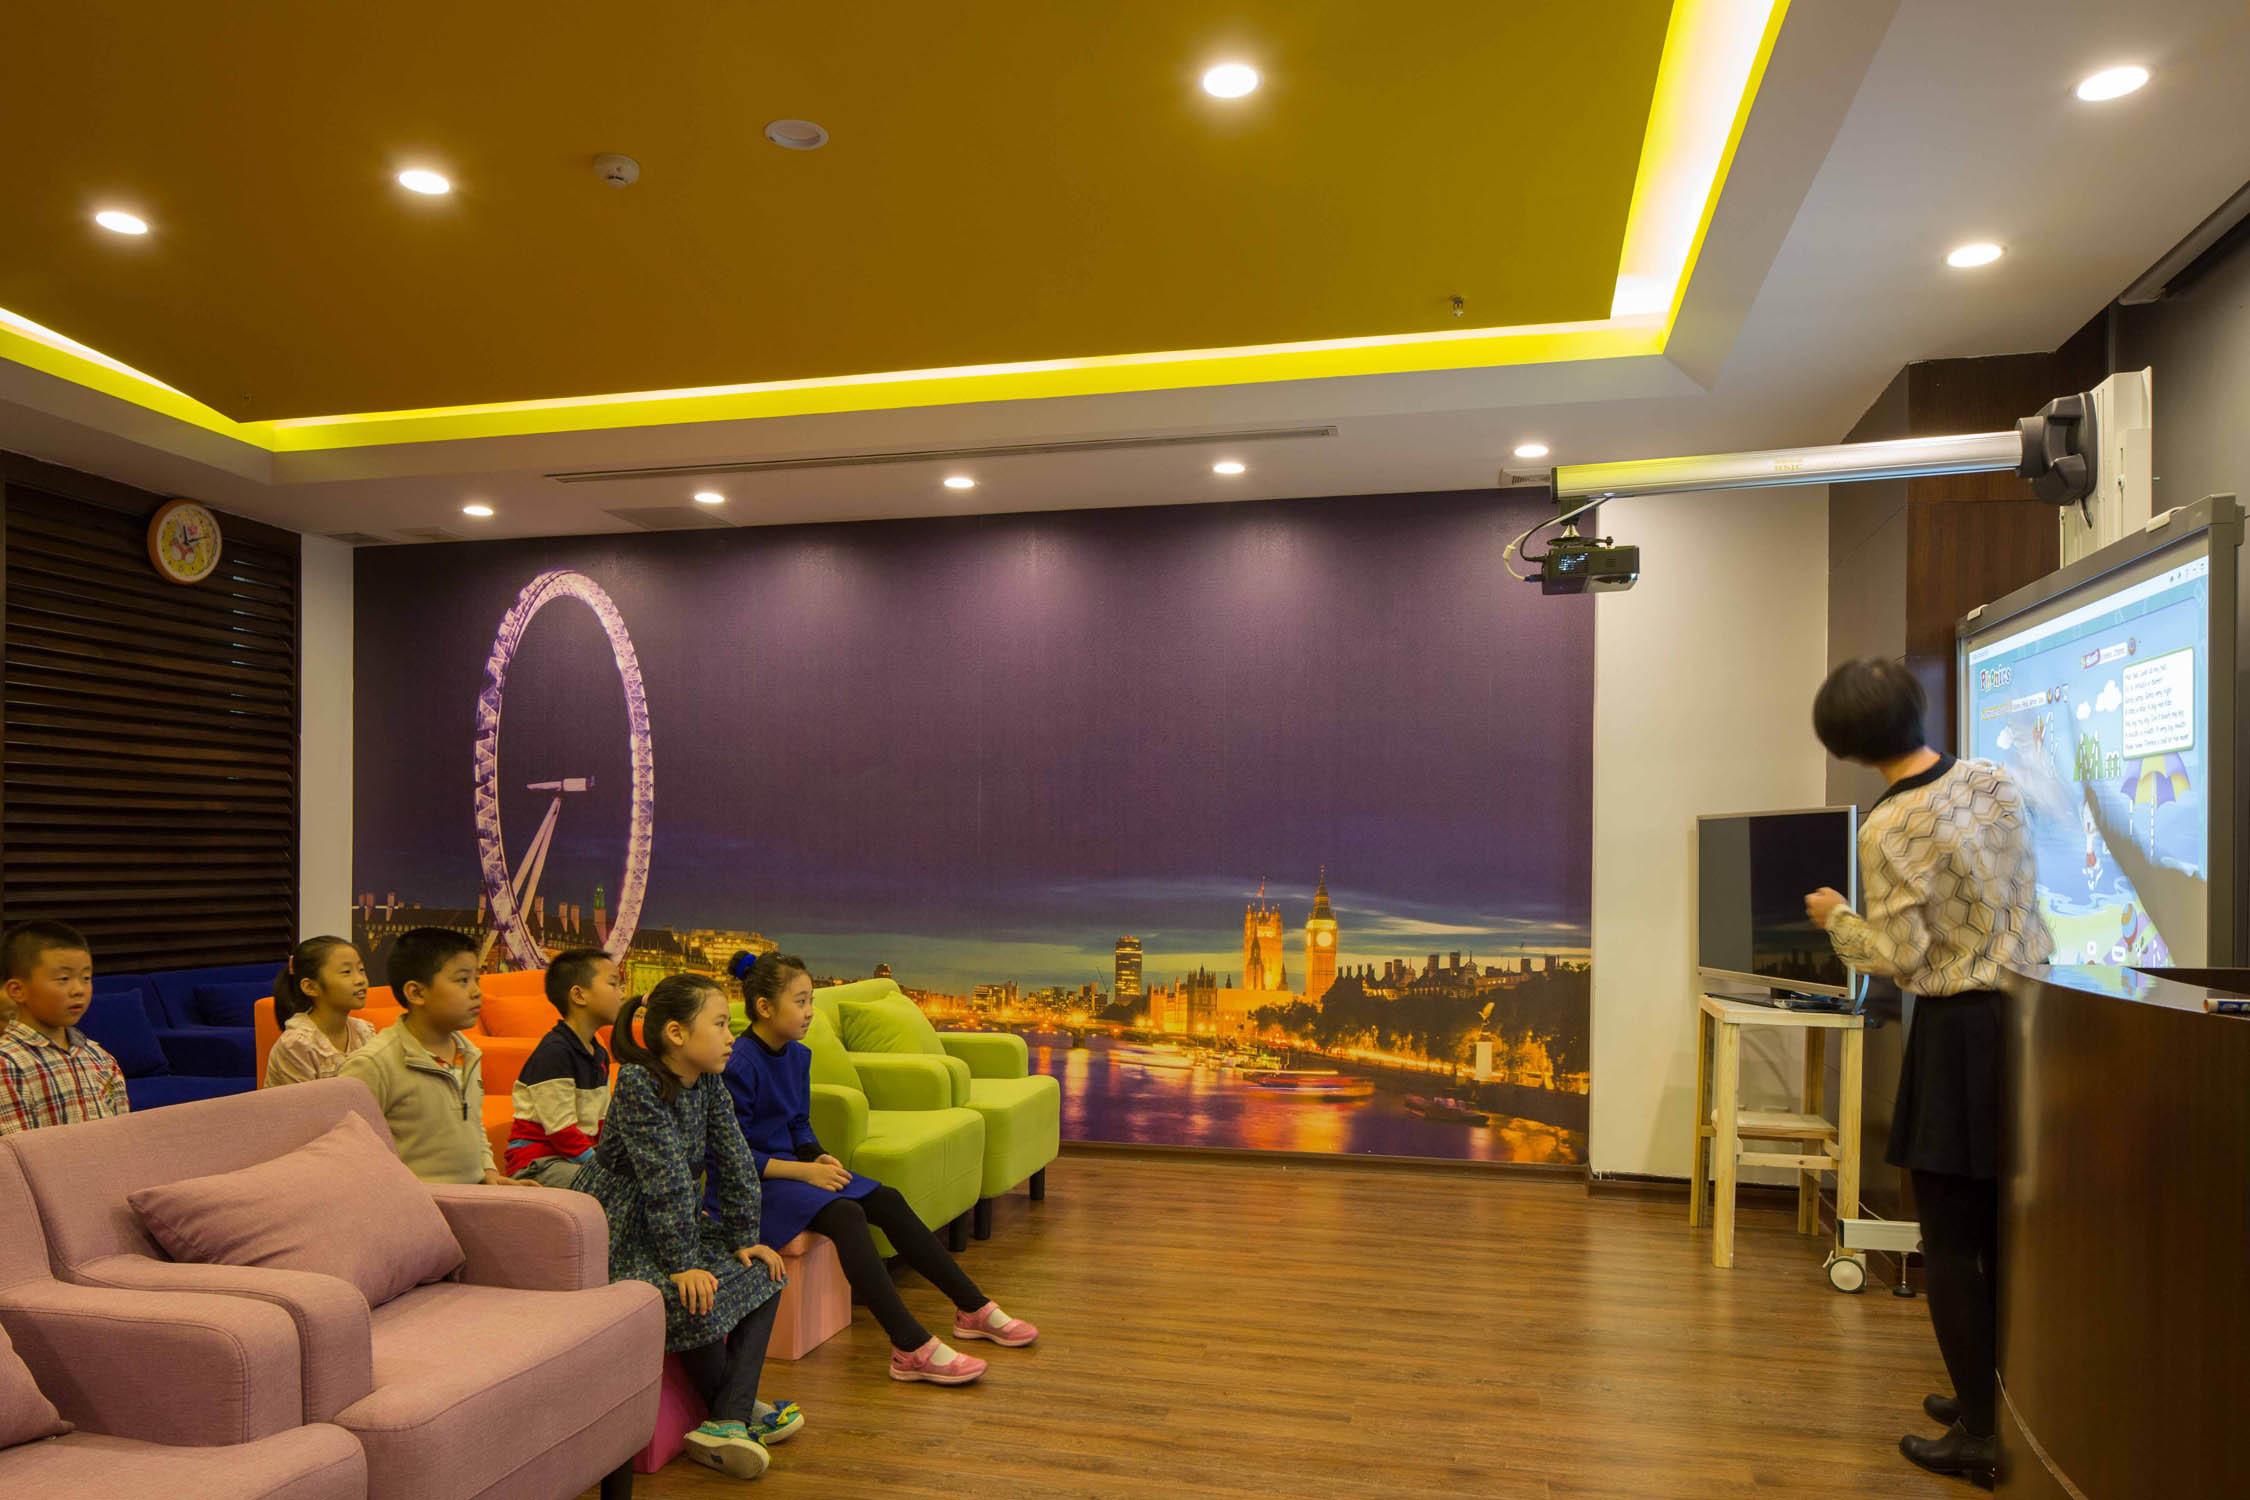 现代多元化幼儿园装修影音室